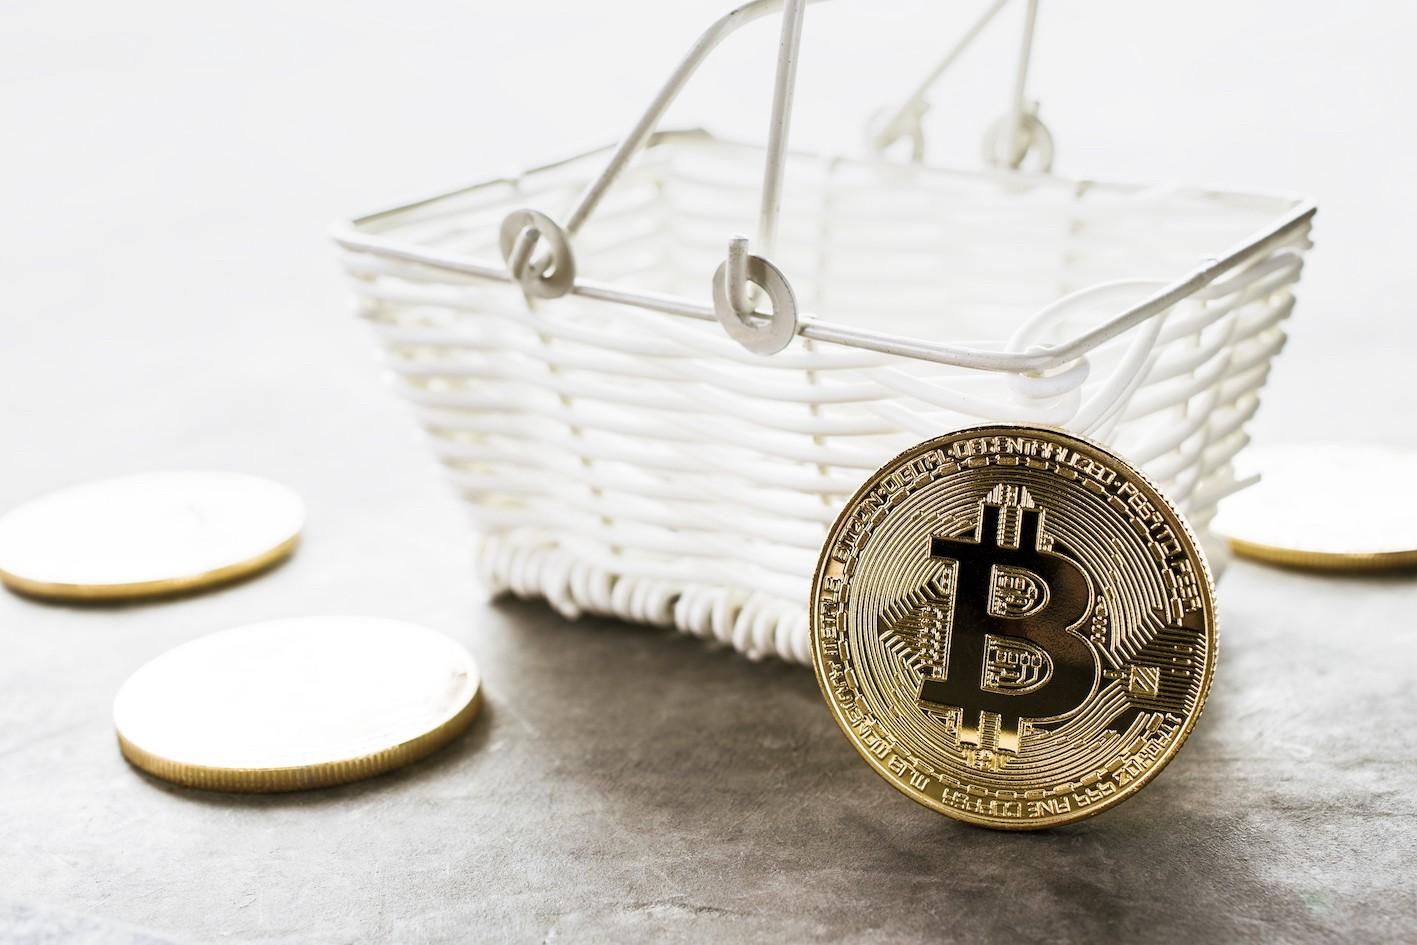 Tecrübeli Analist Kripto Para Yatırım Sepetini Açıkladı Bitcoin BTC Hariç Başka Neler Var